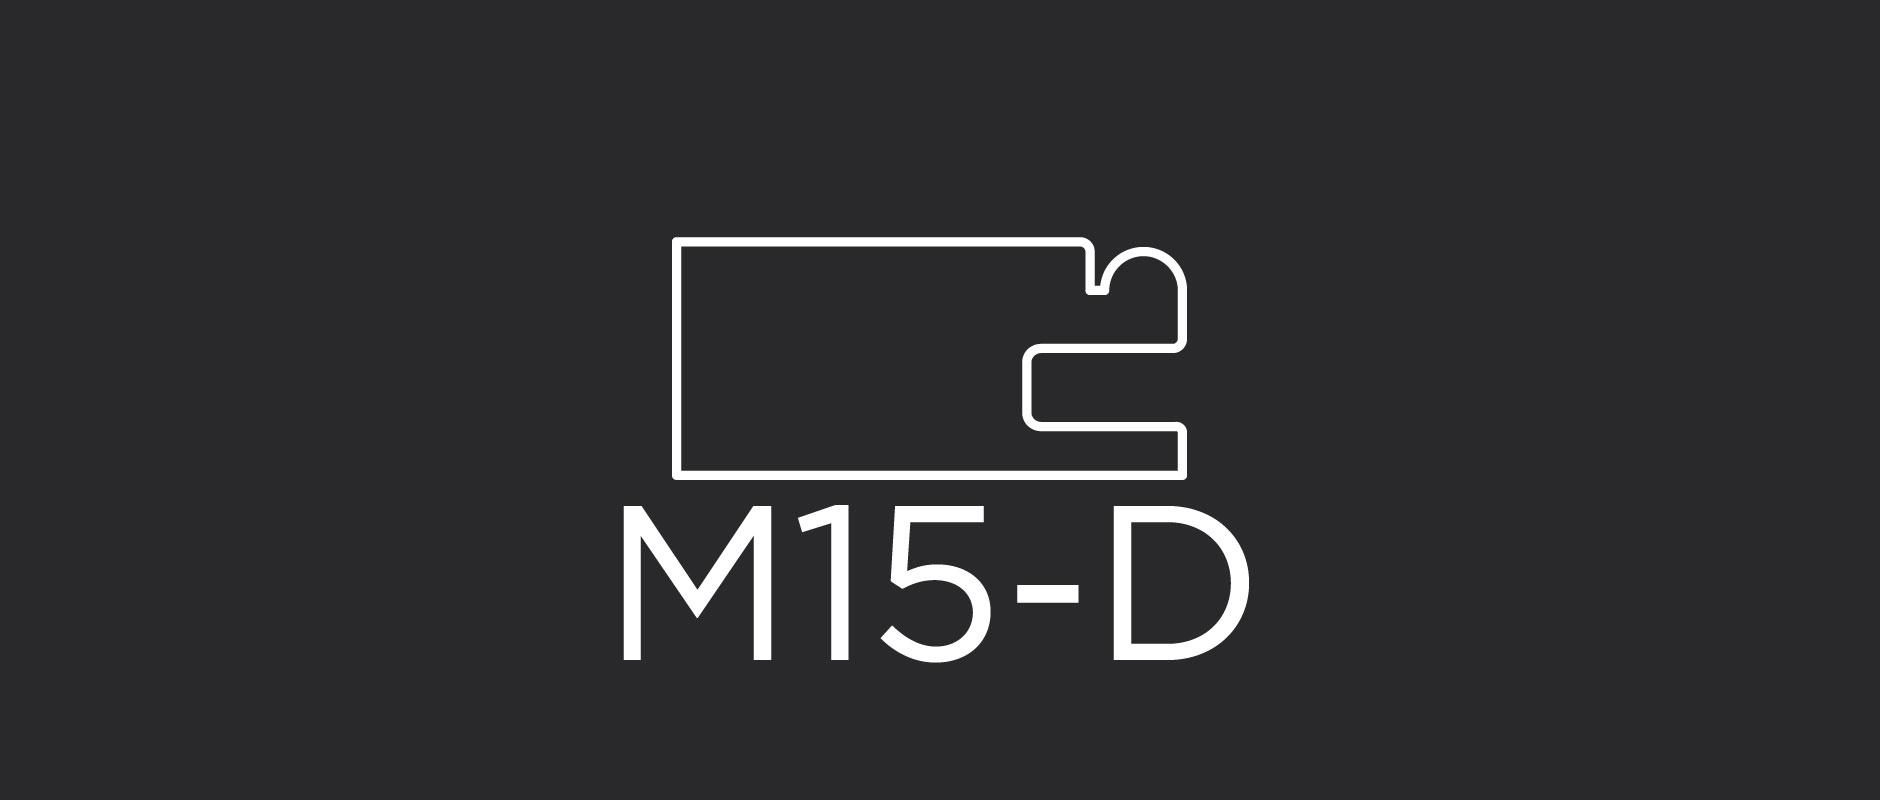 """M15-D mitered drawer front frame 1-5/8"""" wide"""